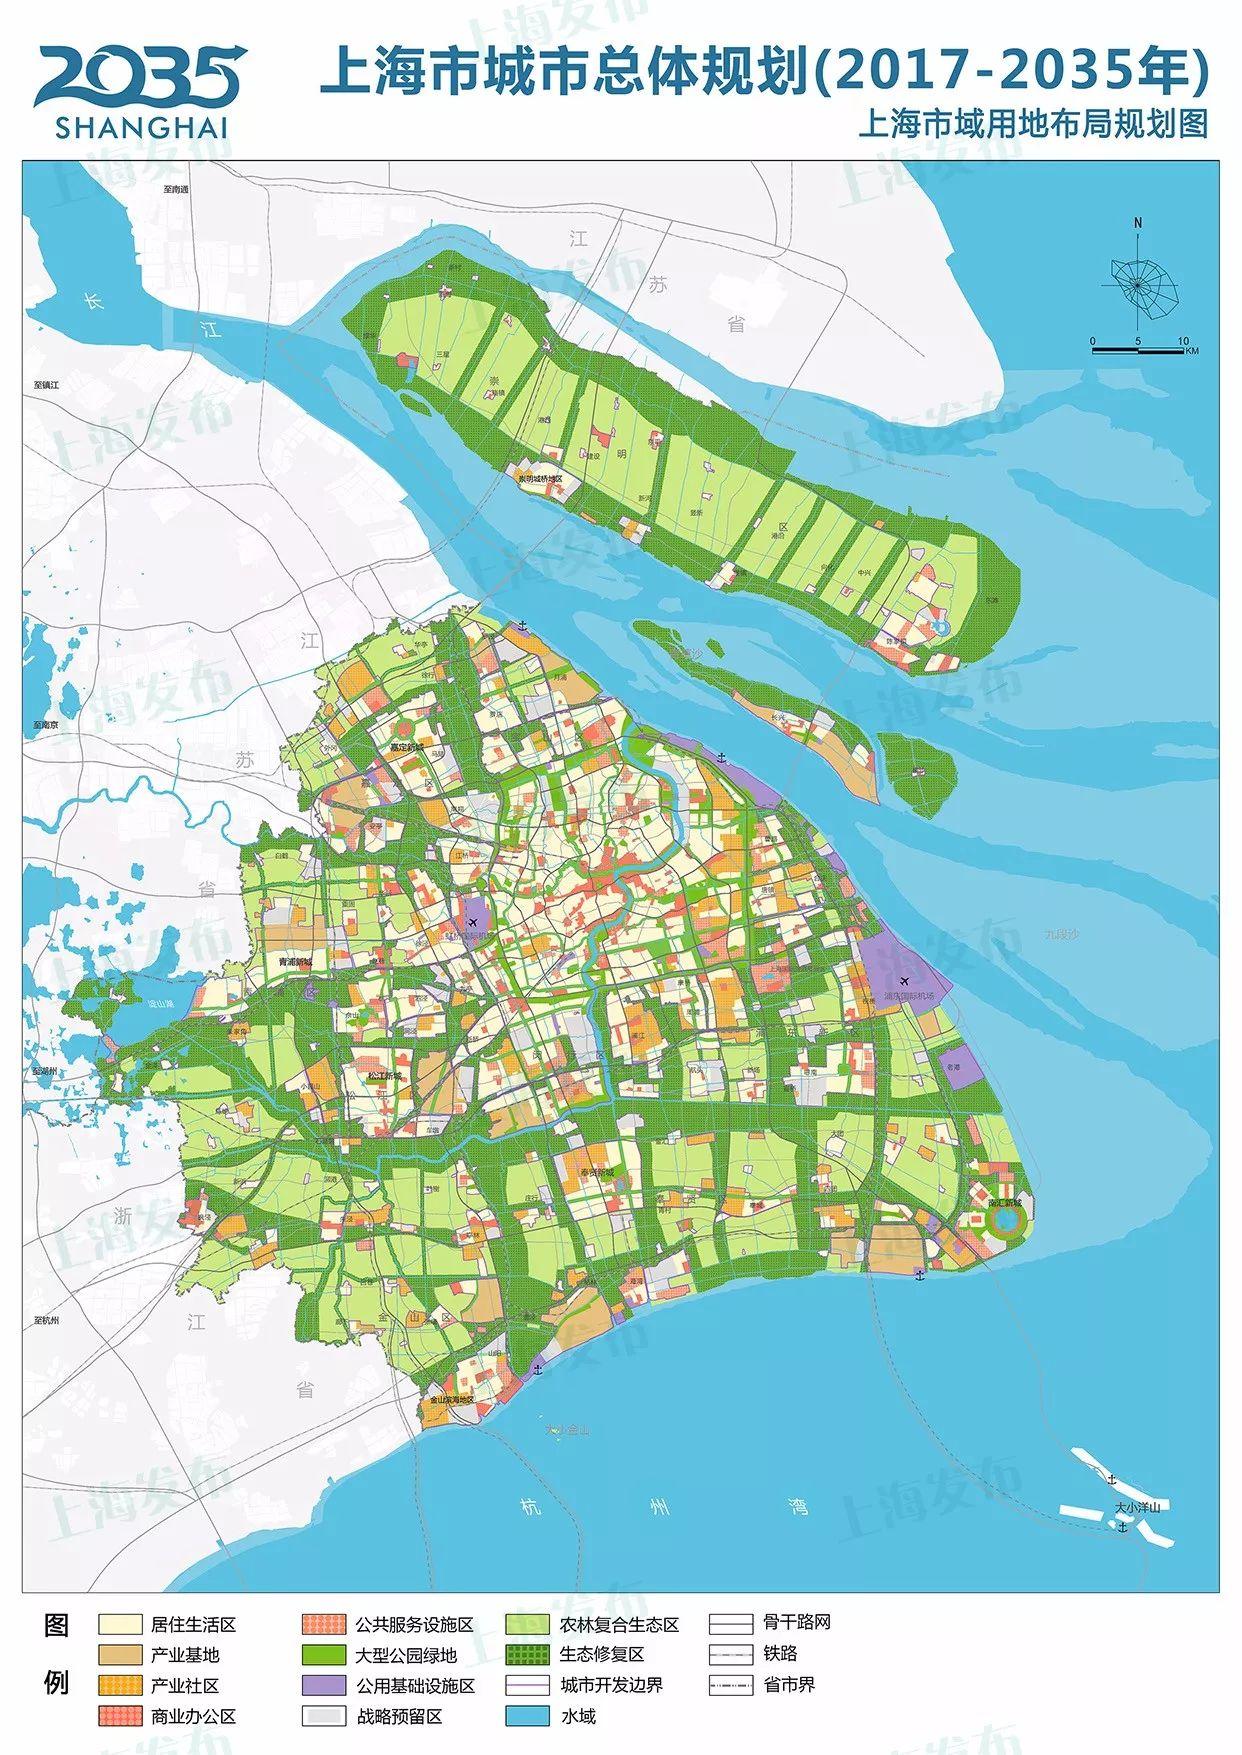 湘江新区规划图2035